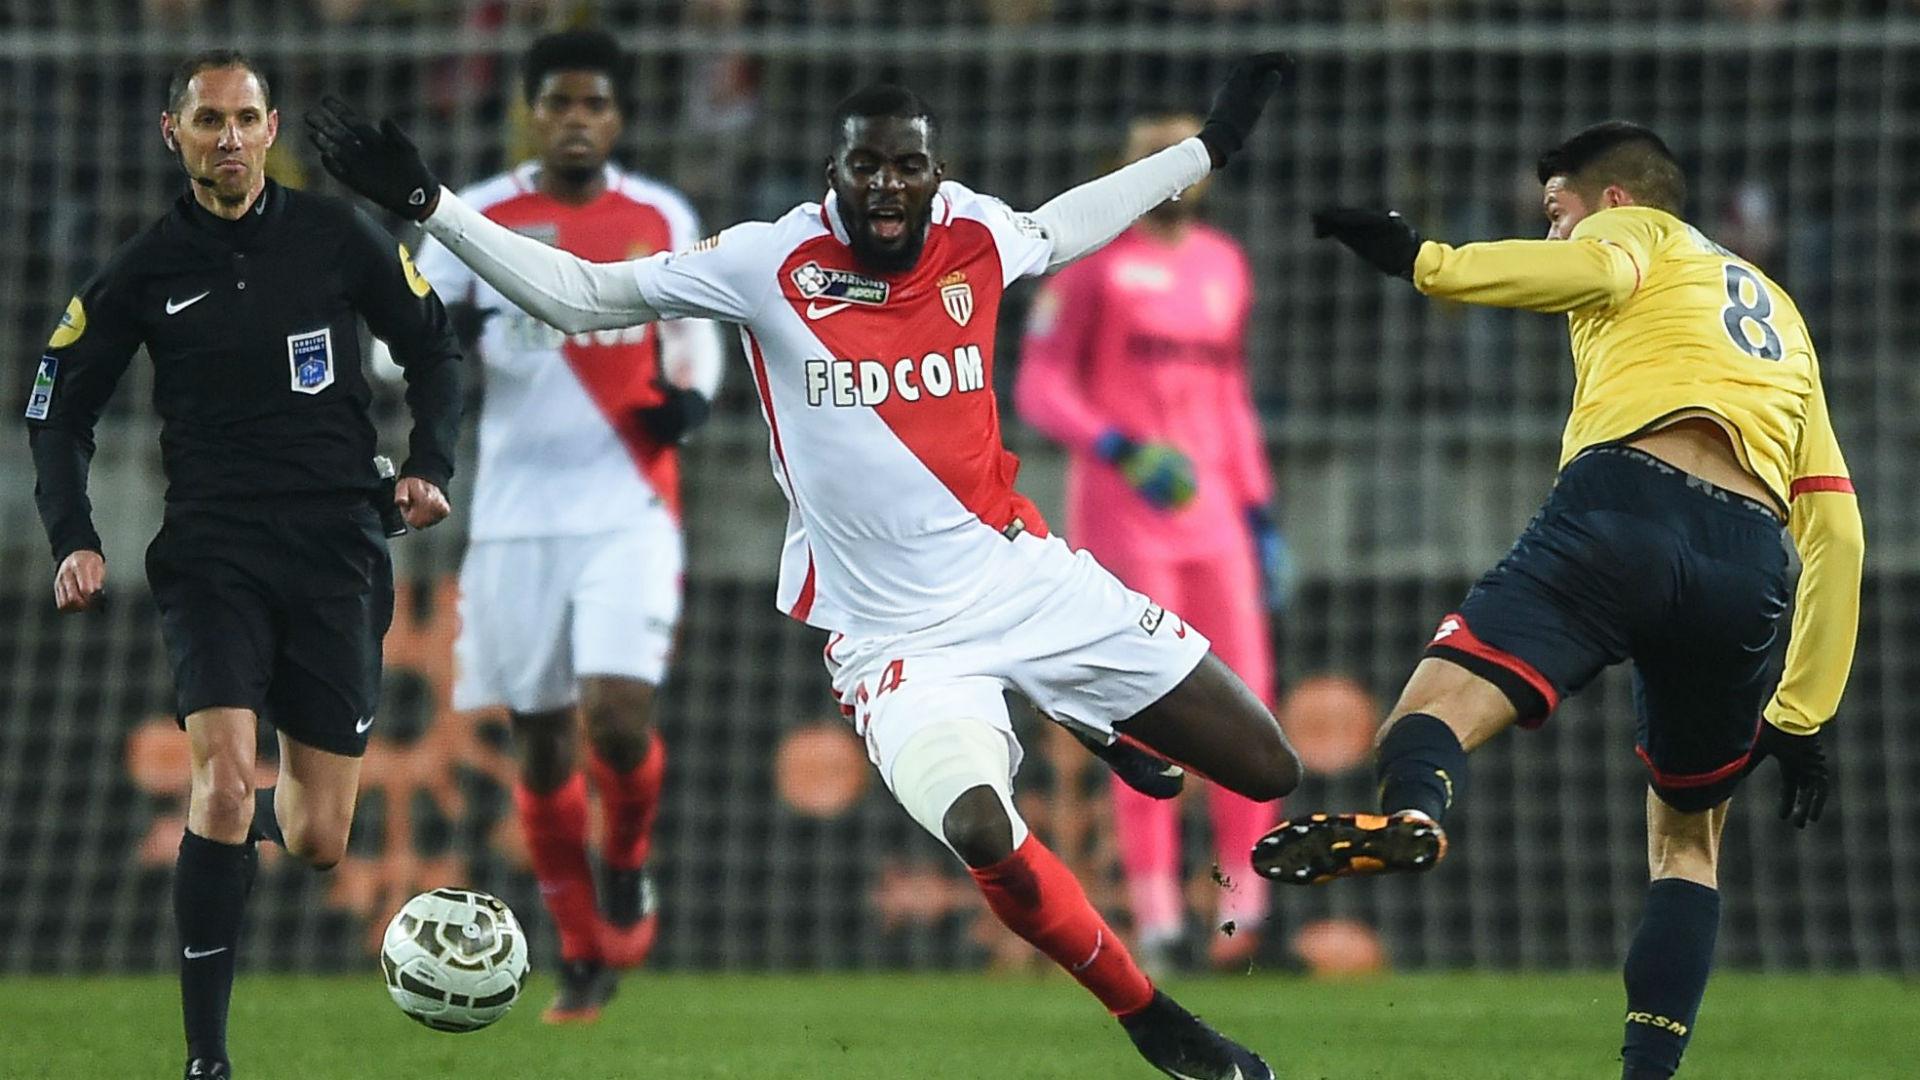 Man United chi 40 triệu bảng sang Pháp tìm người thế Schneiderlin  - Bóng Đá